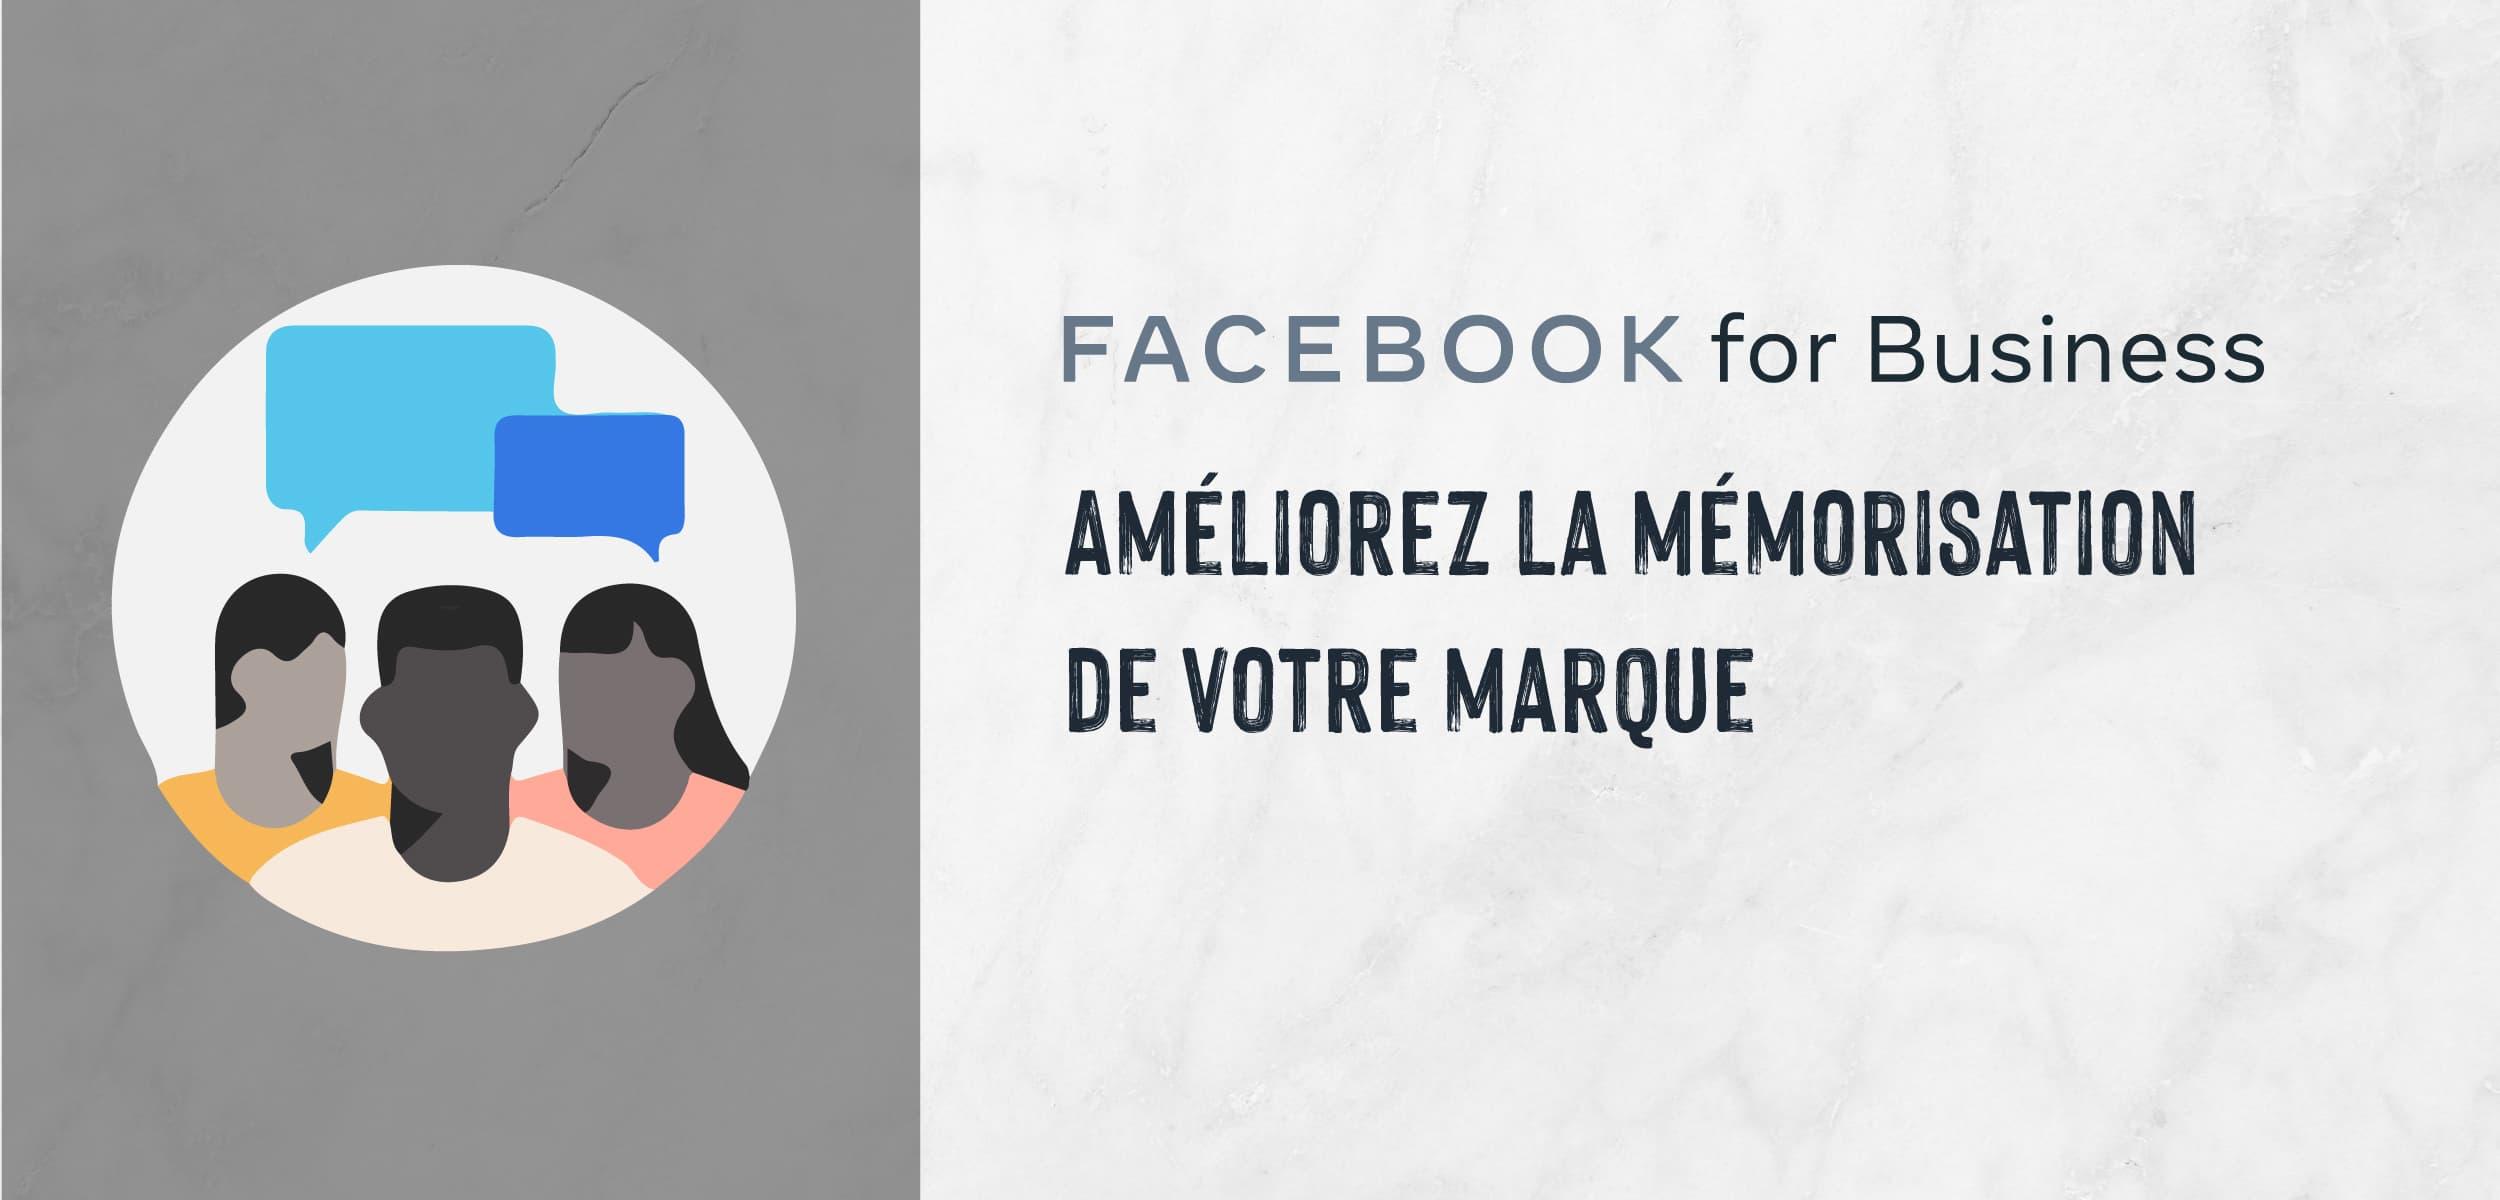 |Facebook Ads| Améliorez la mémorisation de votre marque